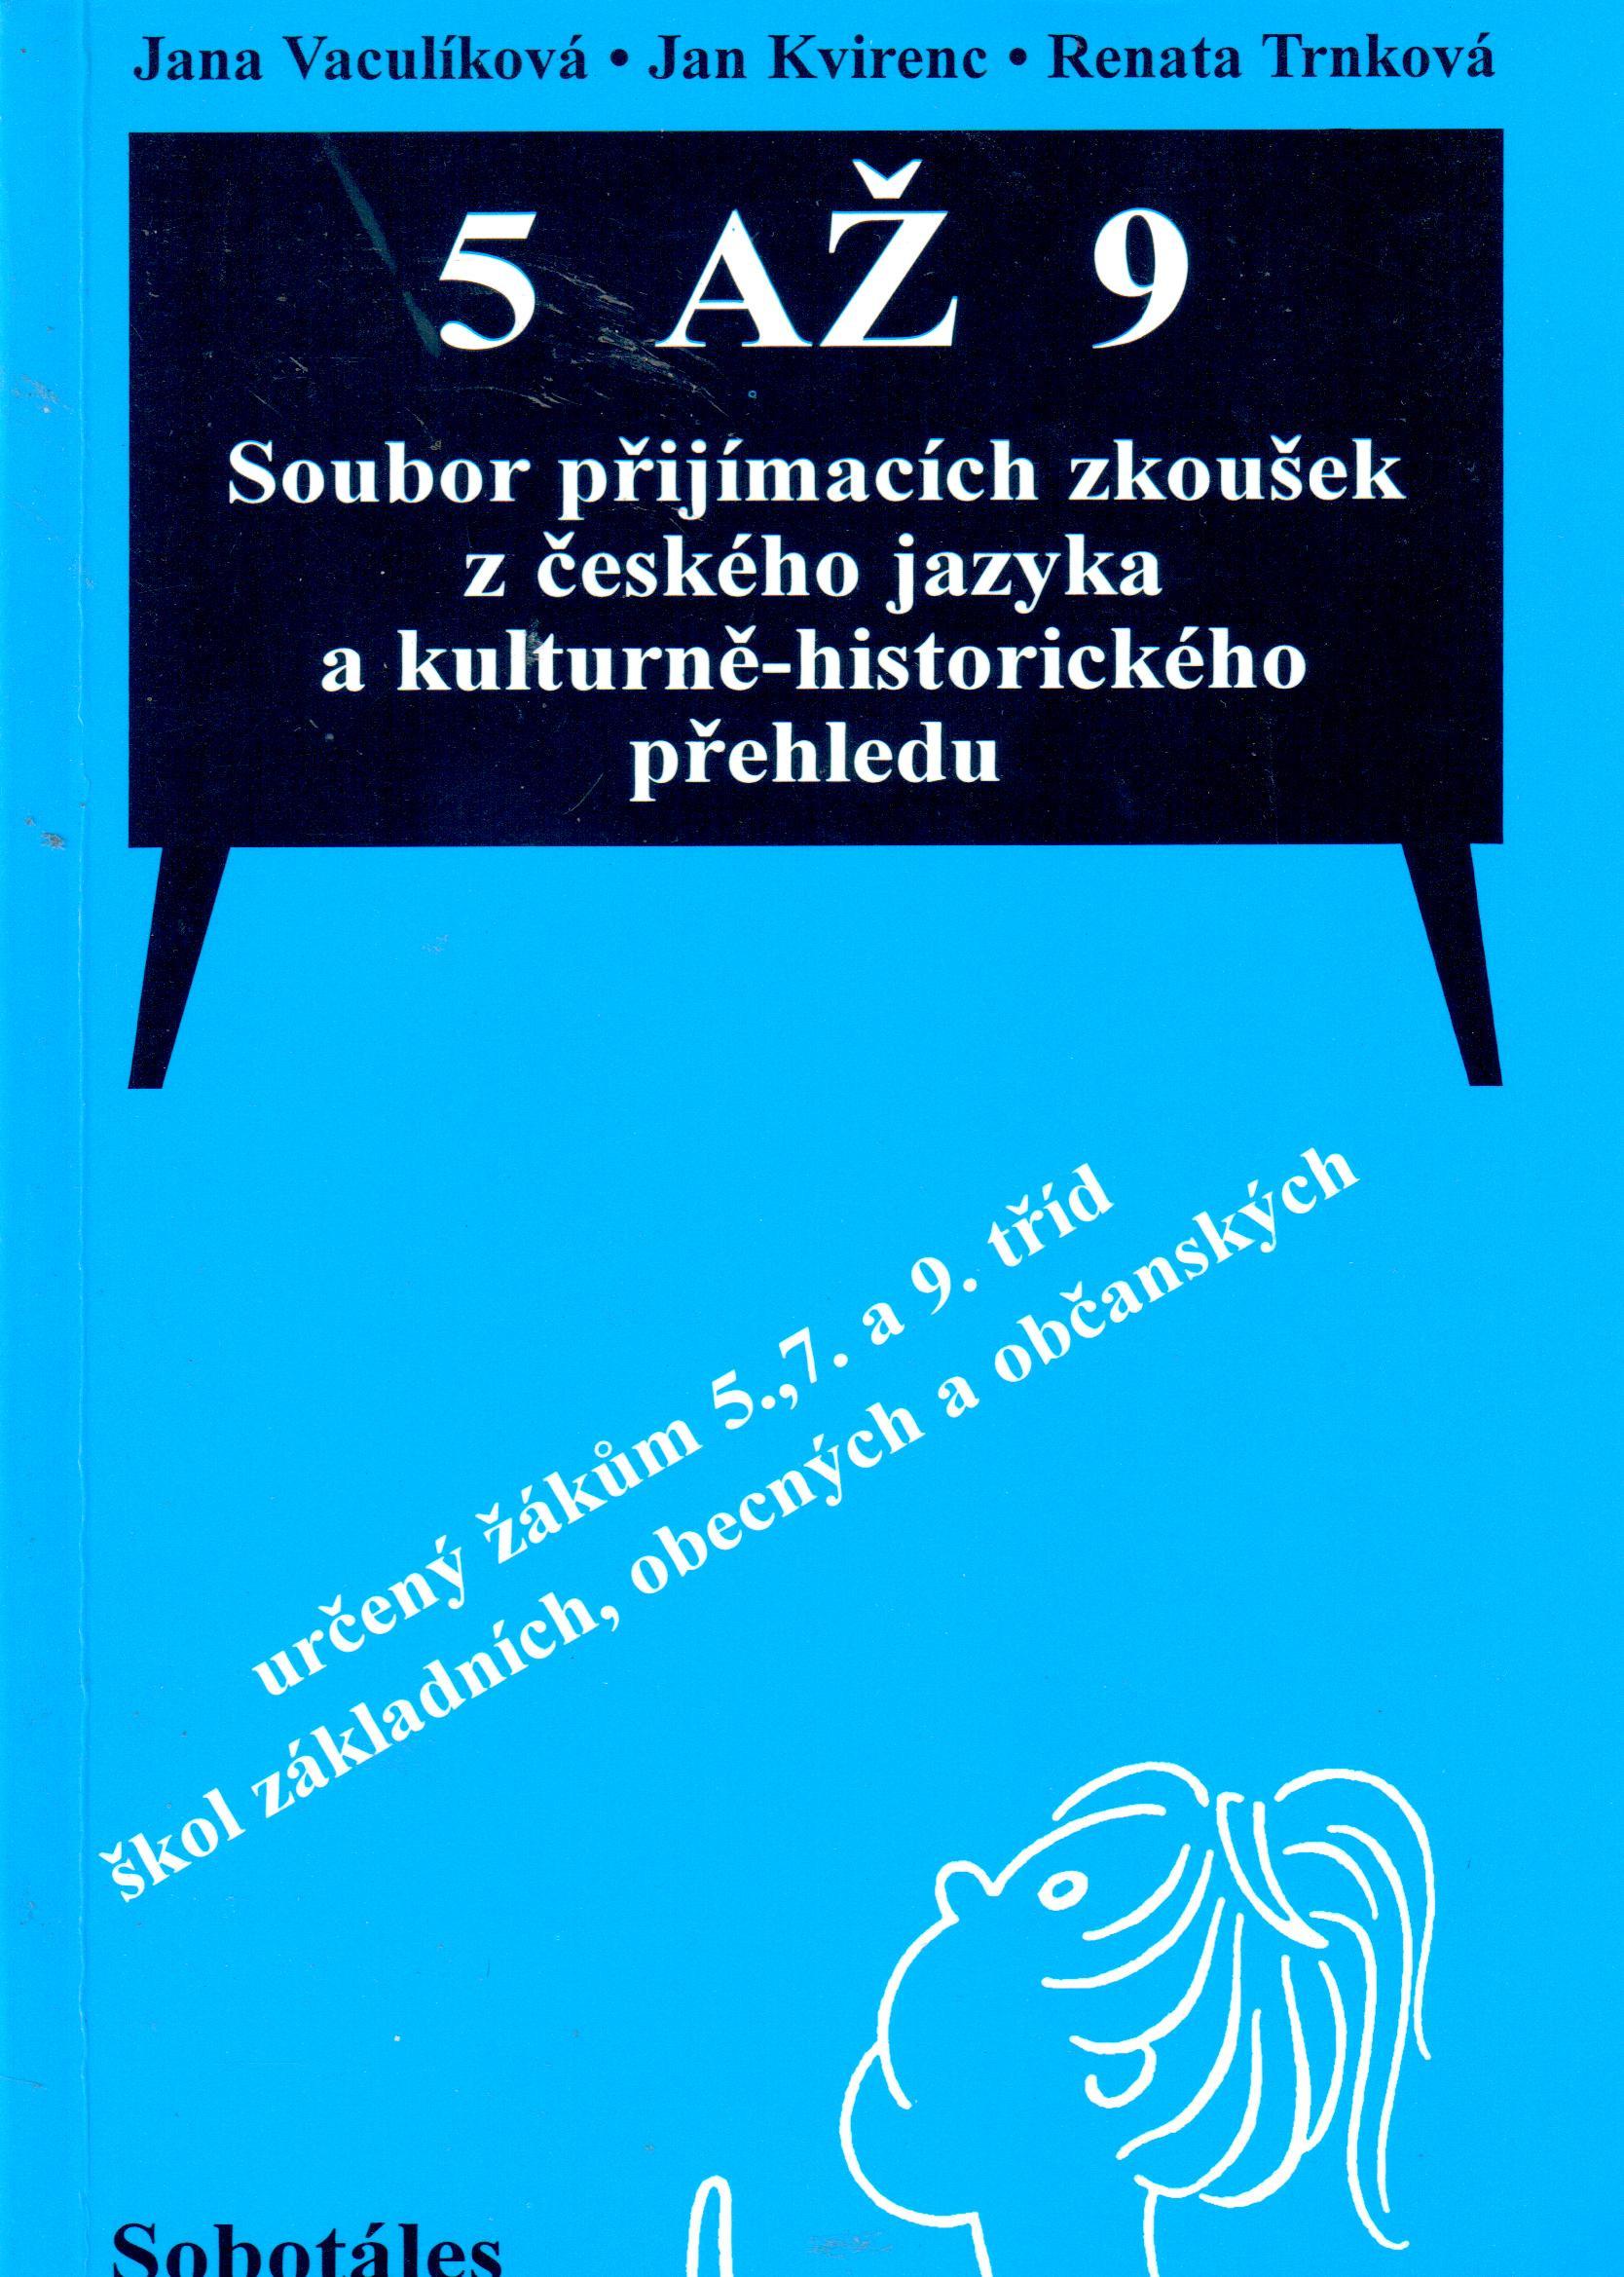 5 až 9: Soubor přijímacích zkoušek z českého jazyka a kulturně-historického přehledu - Náhled učebnice